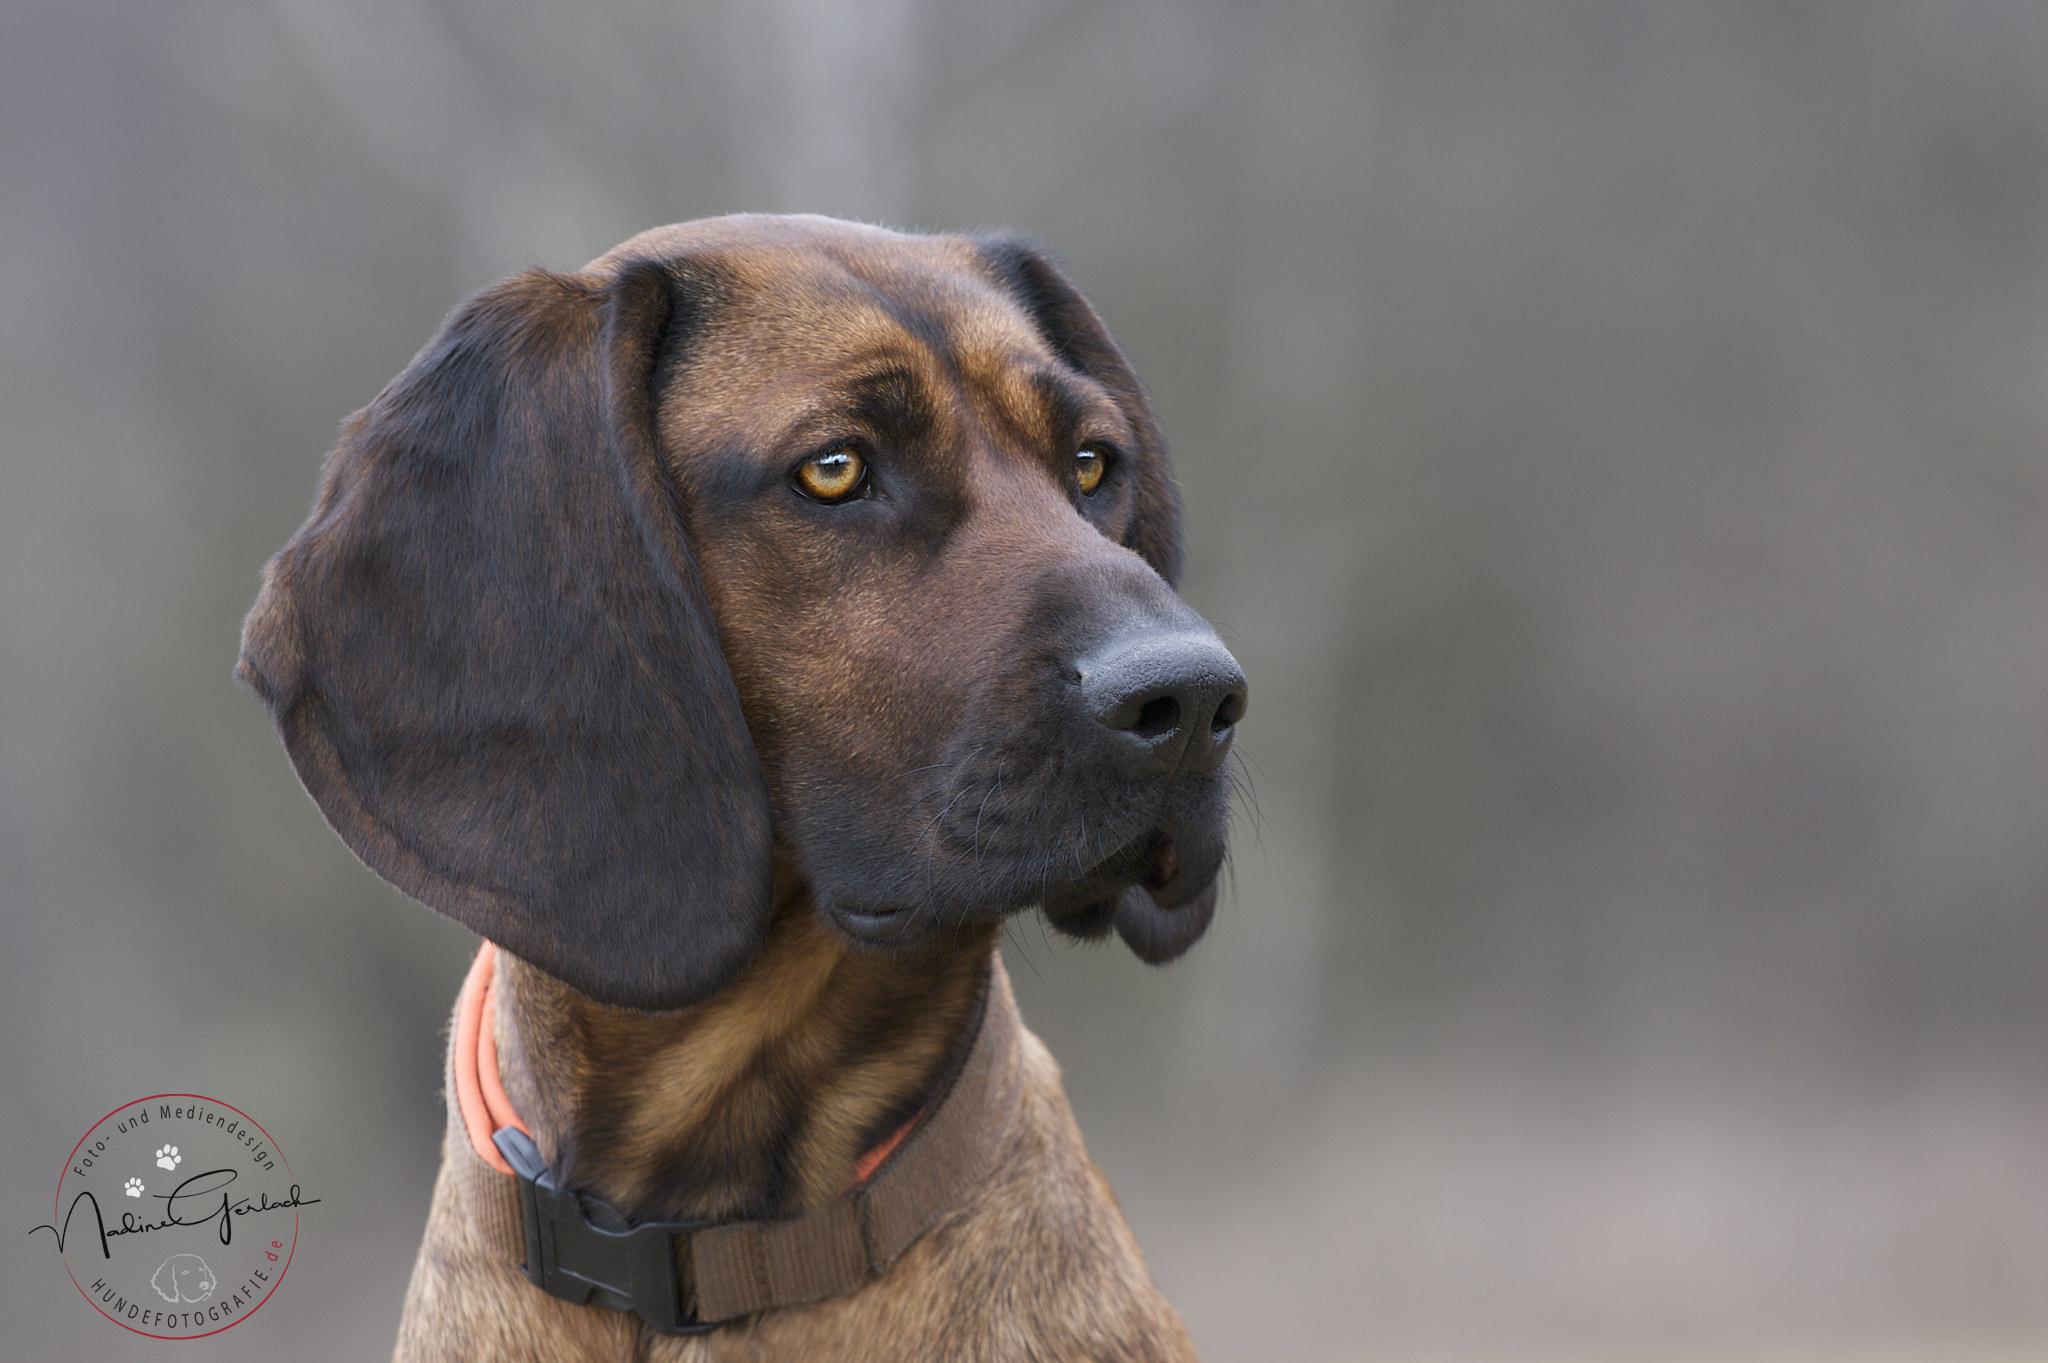 Баварская горная гончая — охотничья порода собак немецкого выведения